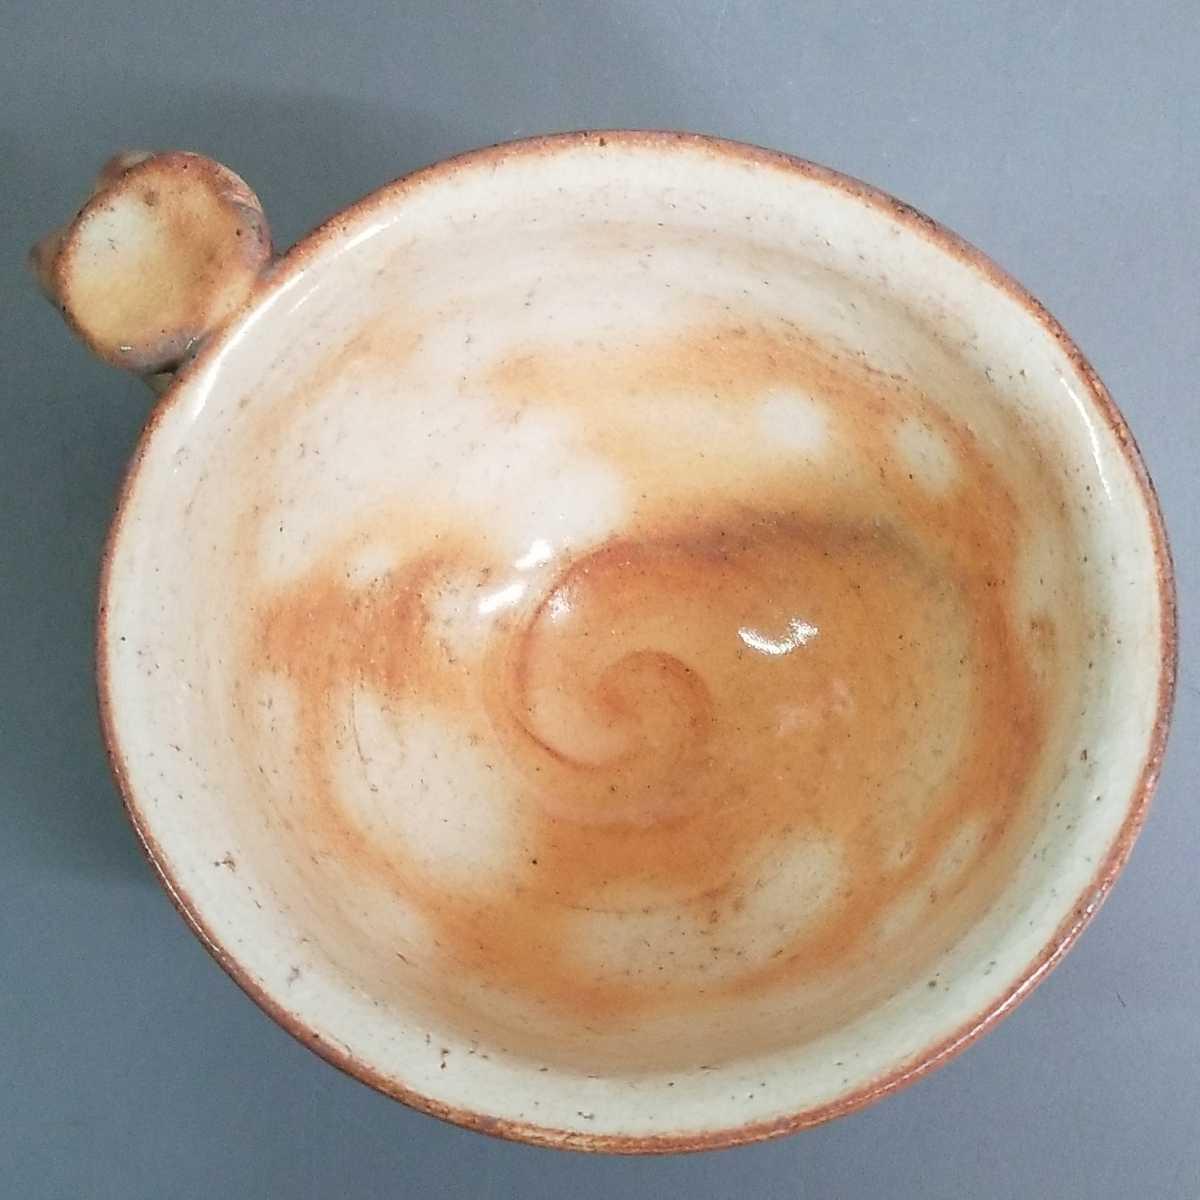 緒62)萩焼 渋谷泥詩 見島コーヒーカップ マグカップ 珈琲器 茶器 未使用新品 同梱歓迎_画像5